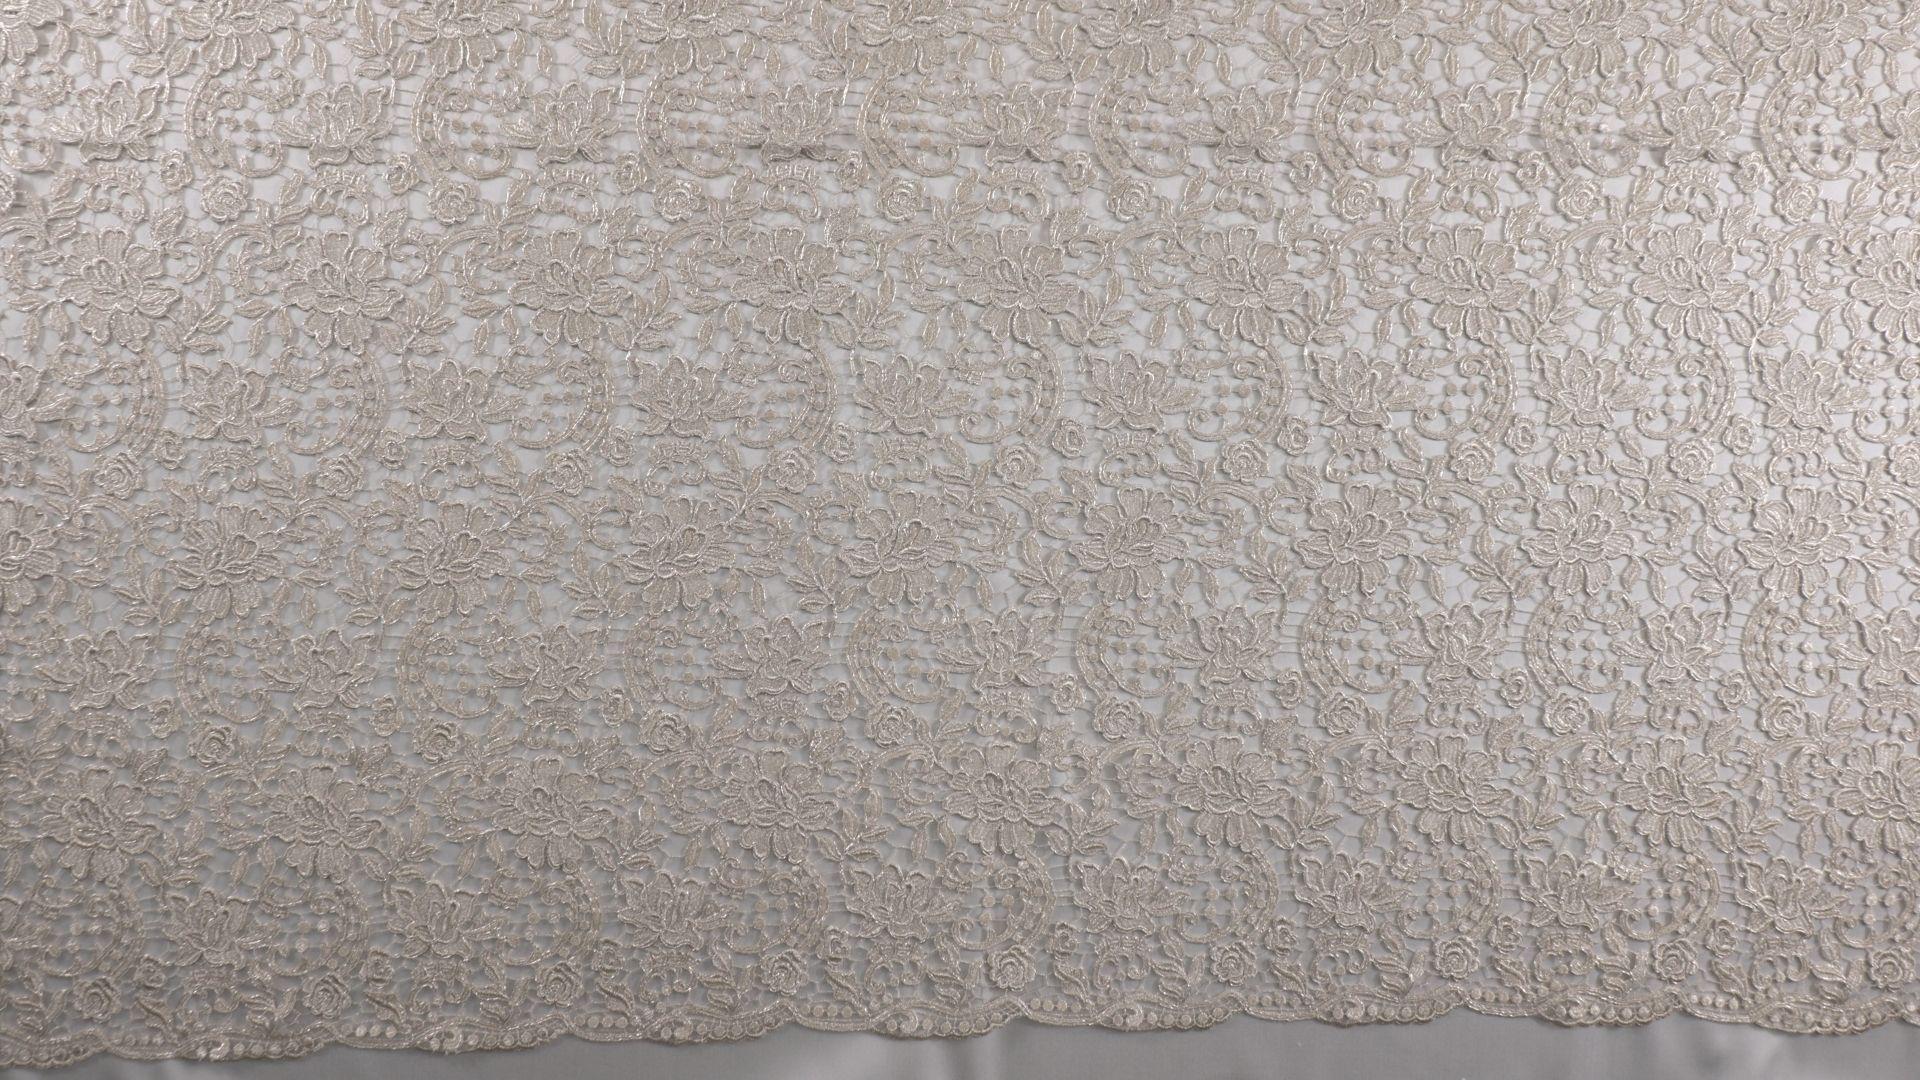 il particolare del tessuto lv10449, appartenente alla categoria ricami con accessori, di Leadford & Logan